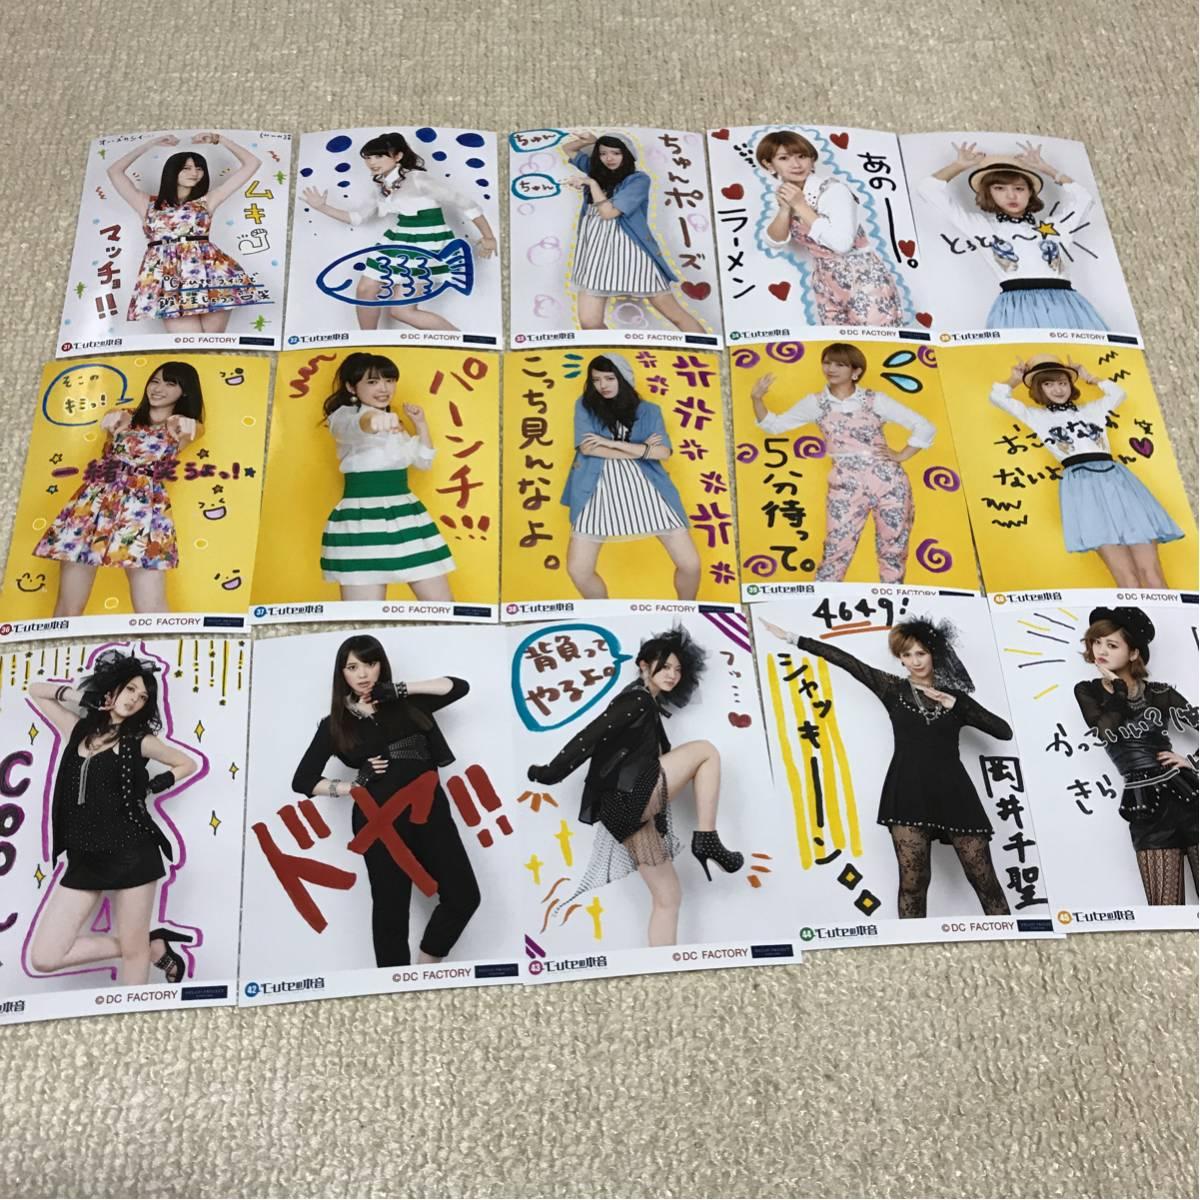 美品 ℃-ute コレクション生写真 フルコンプセット ⑧ ライブグッズの画像